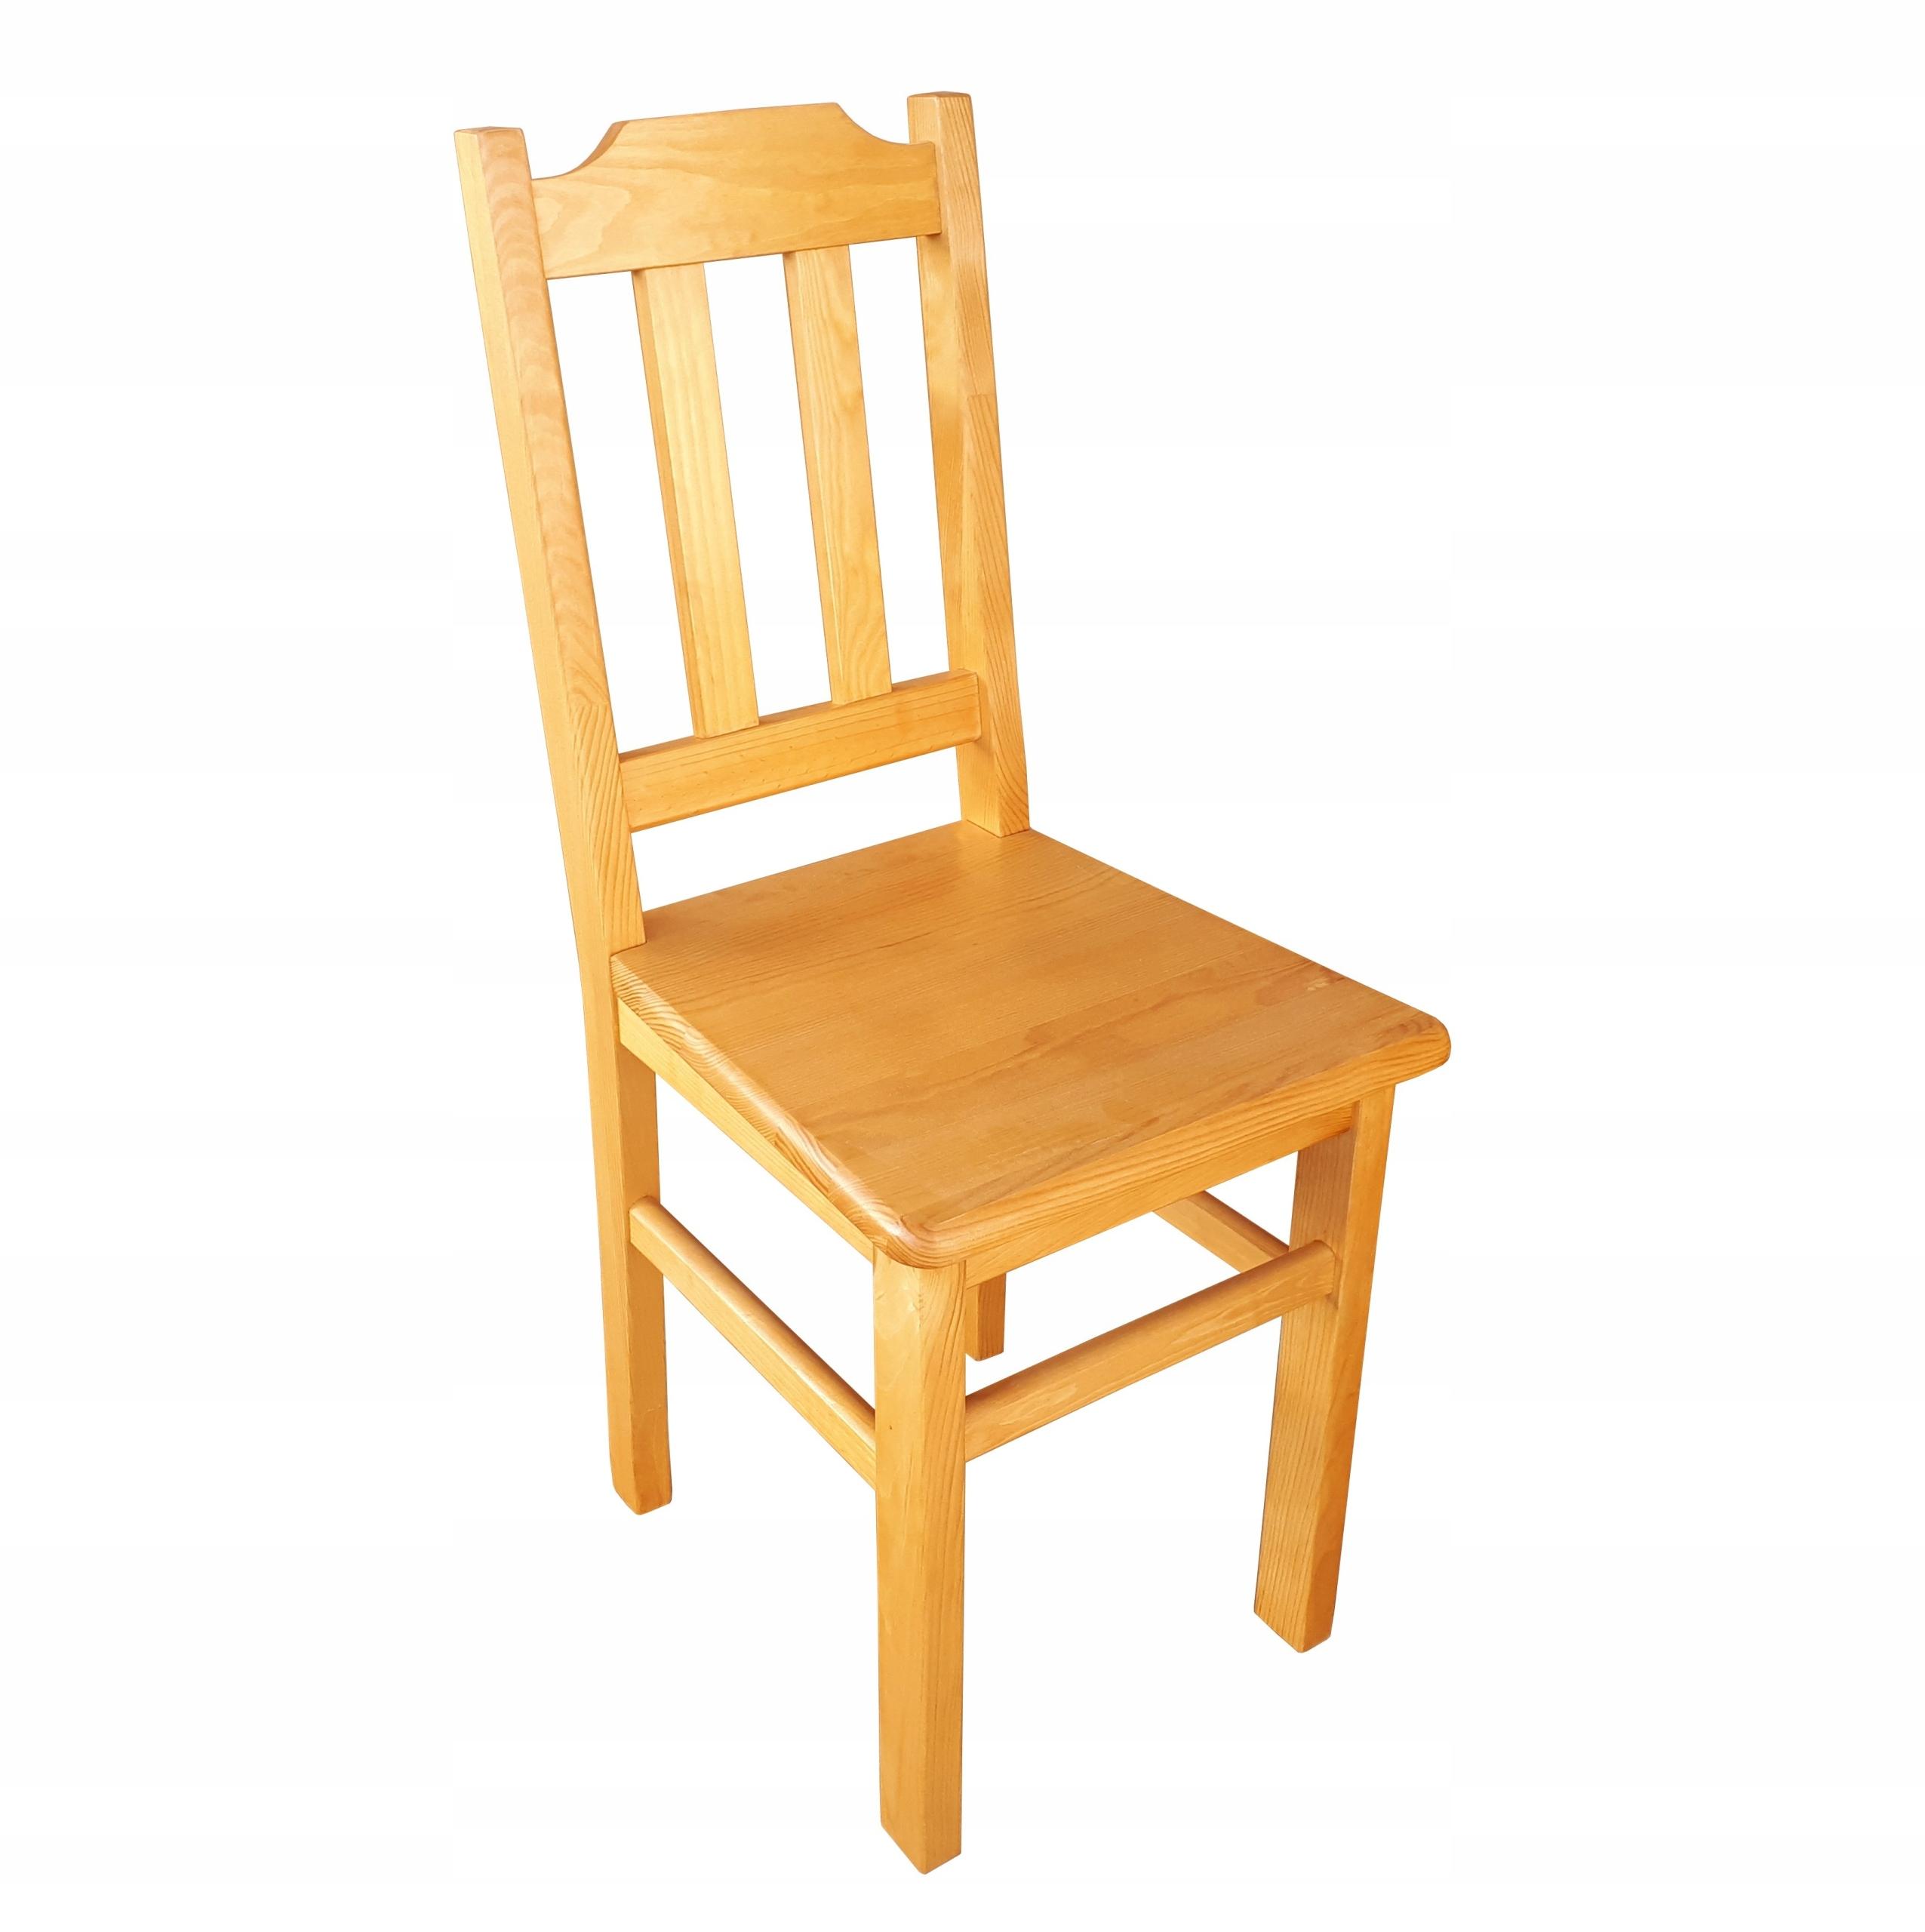 применяйте деревянные стулья со спинкой картинки они уверены